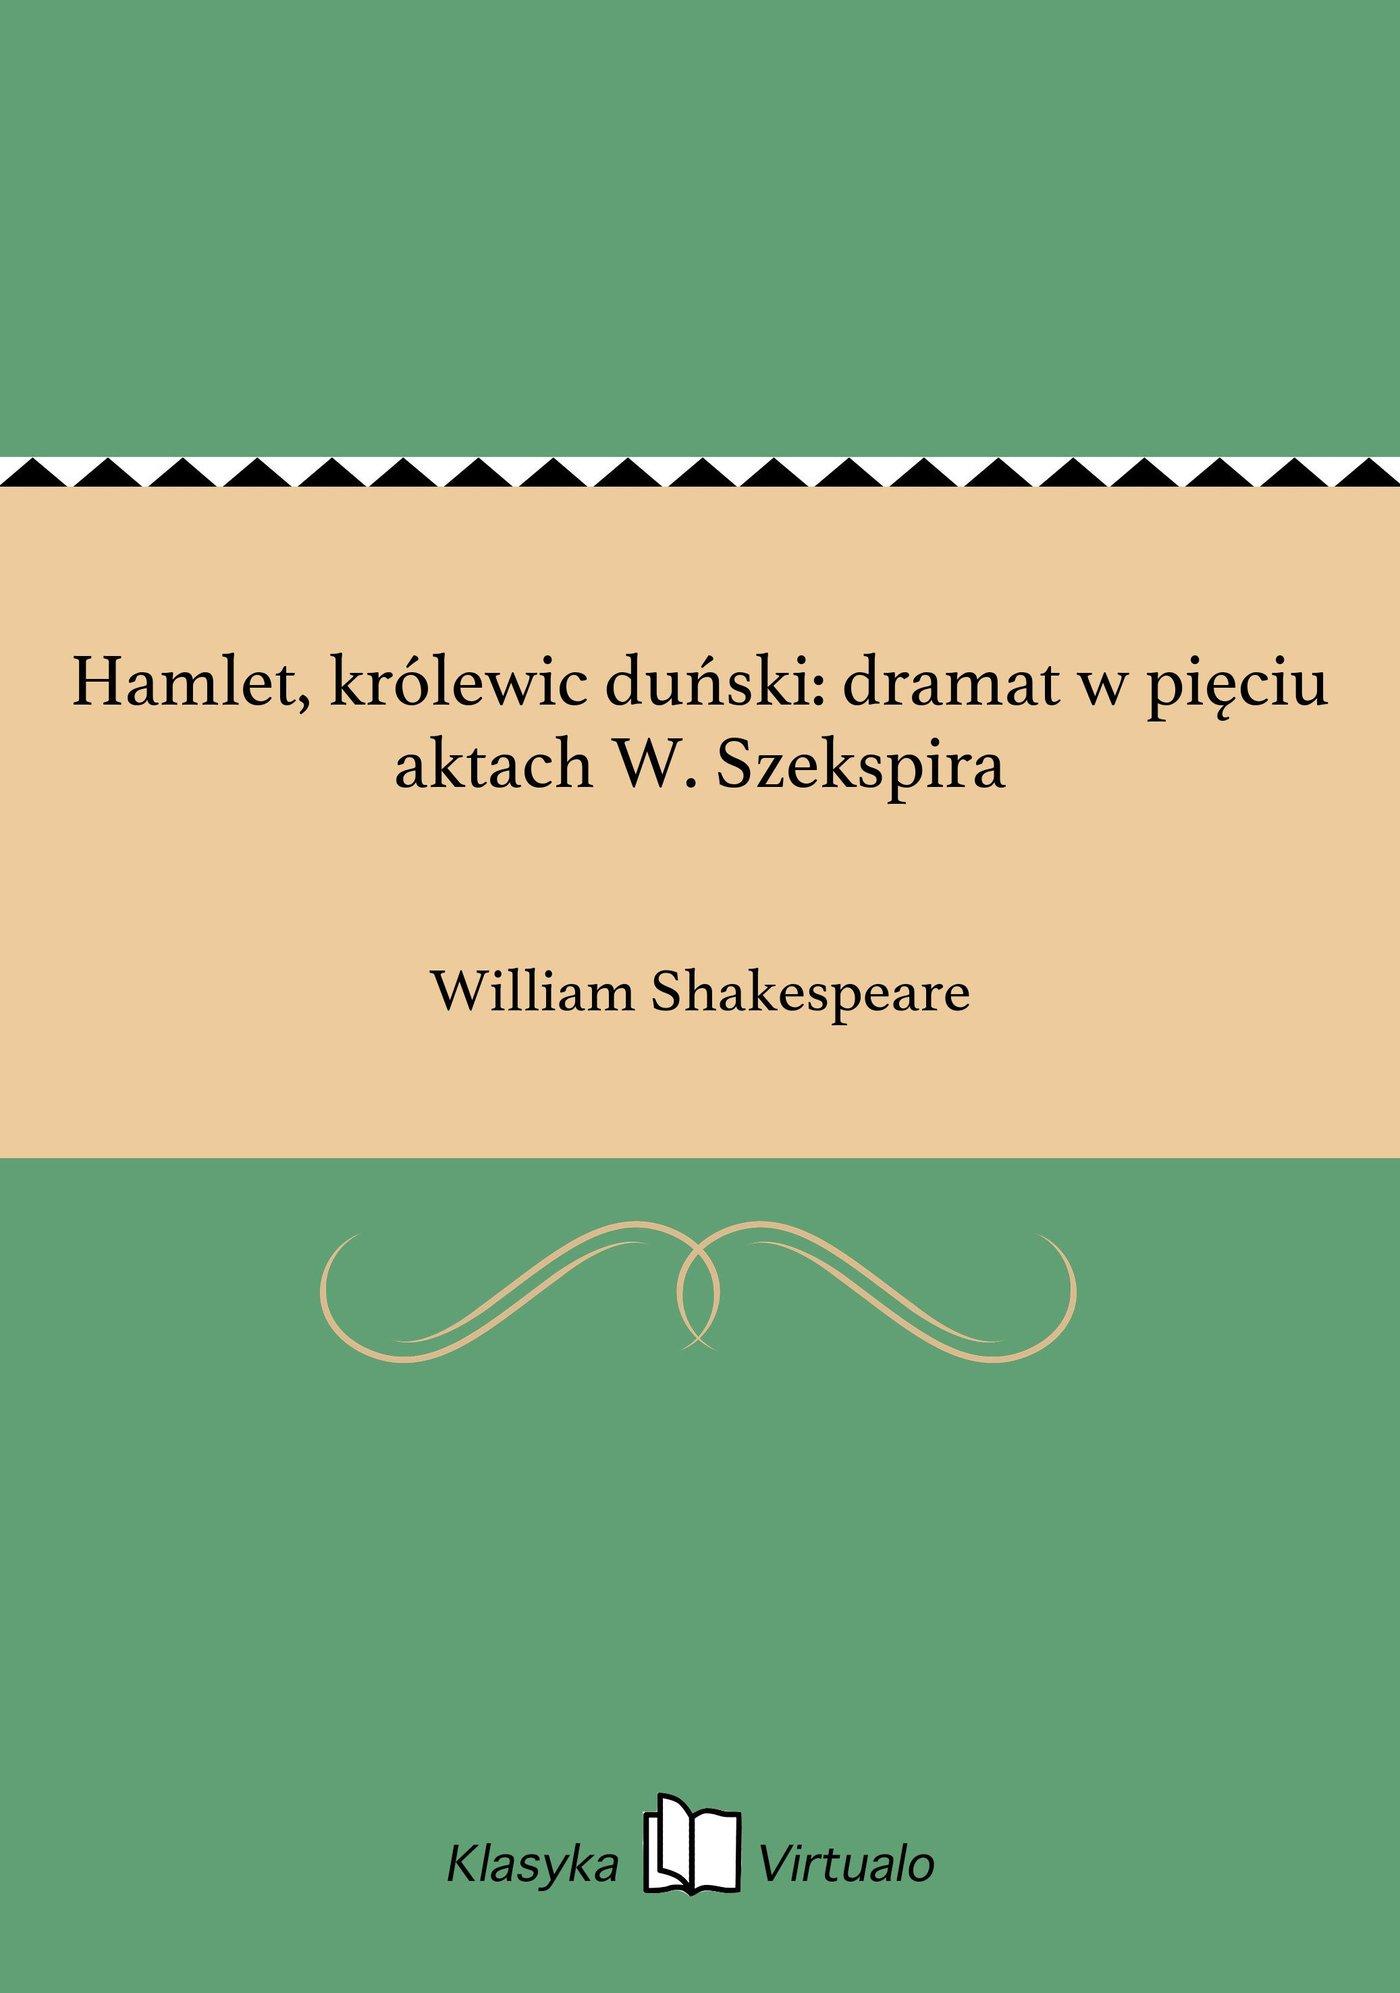 Hamlet, królewic duński: dramat w pięciu aktach W. Szekspira - Ebook (Książka na Kindle) do pobrania w formacie MOBI